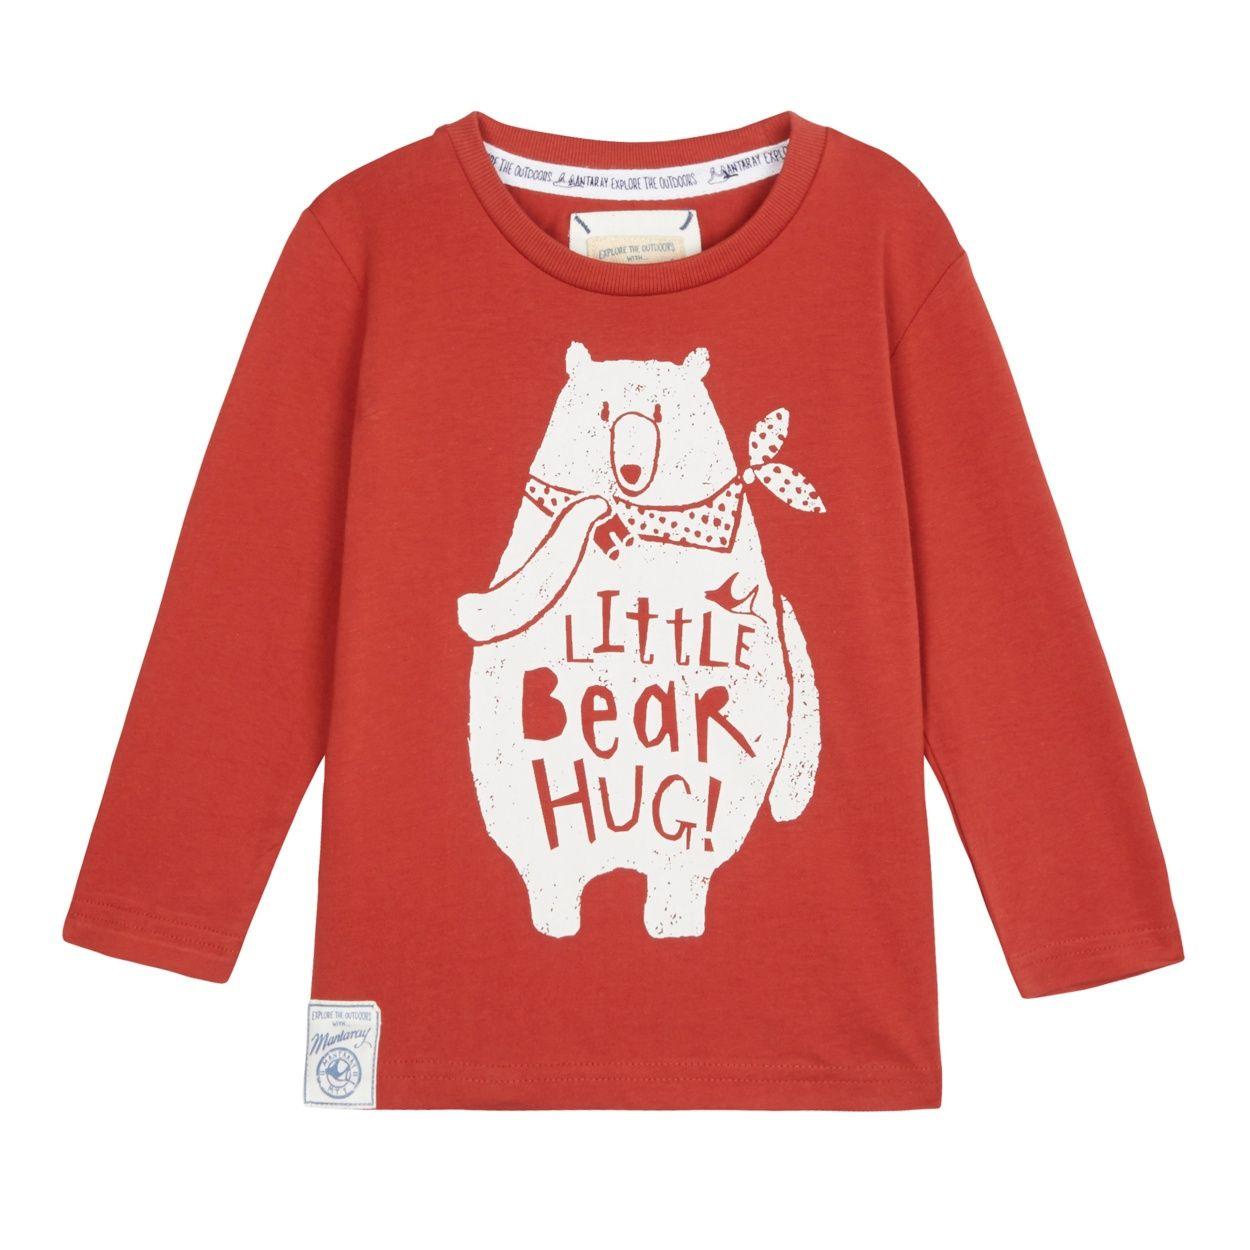 Mantaray Boy S Red Bear Hug Long Sleeve Top At Debenhams Com Long Sleeve Tops Tops Mantaray [ 1250 x 1250 Pixel ]